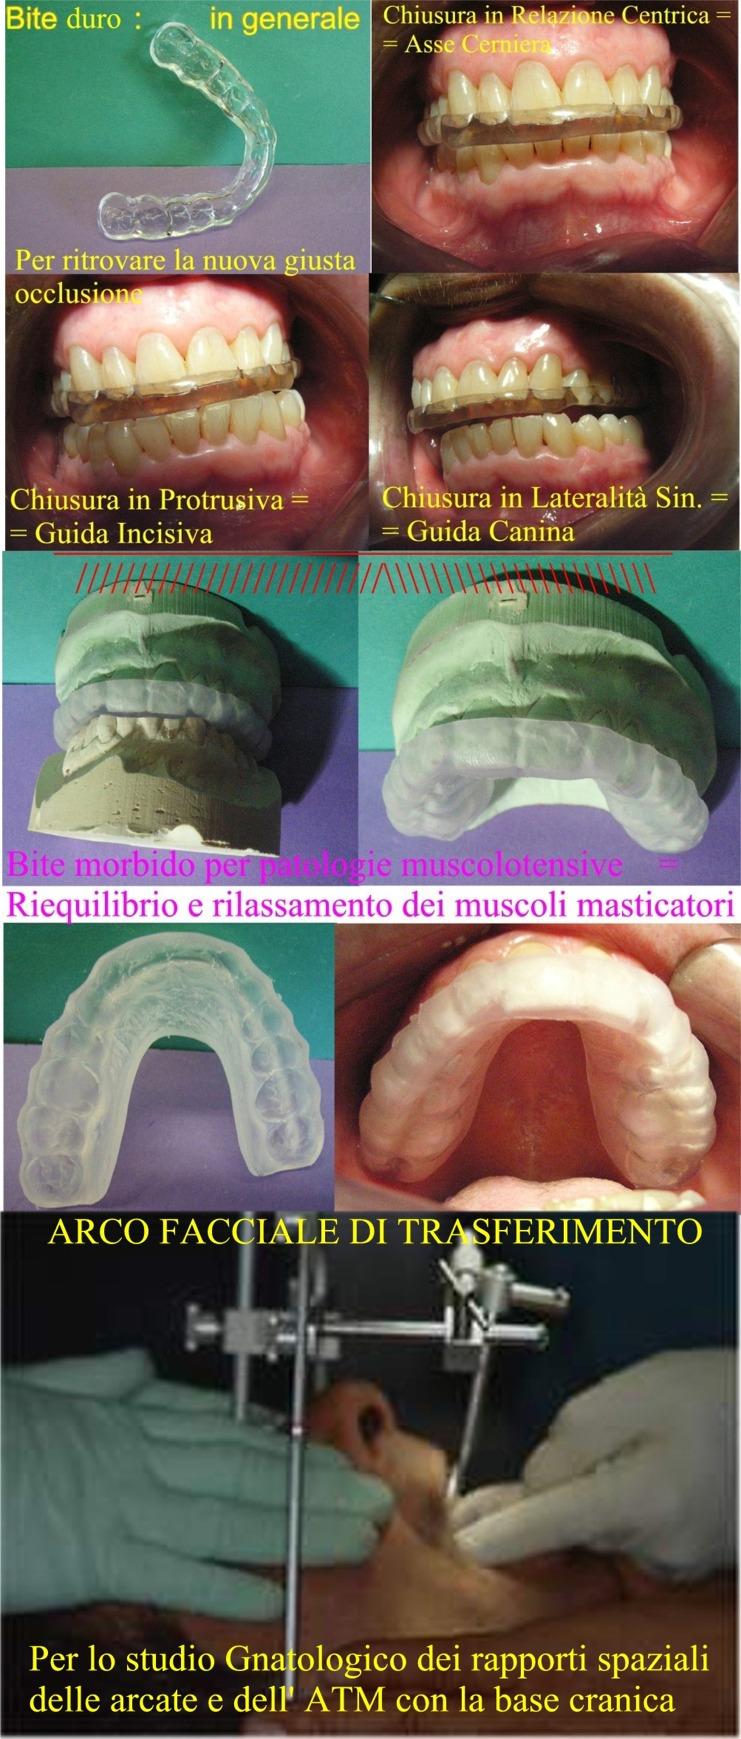 Diversi tipi di Bite e Arco facciale di trasferimento per lo studio su articolatore a valore medio. Da casistica del Dr. Gustavo Petti Gnatologo in Cagliari